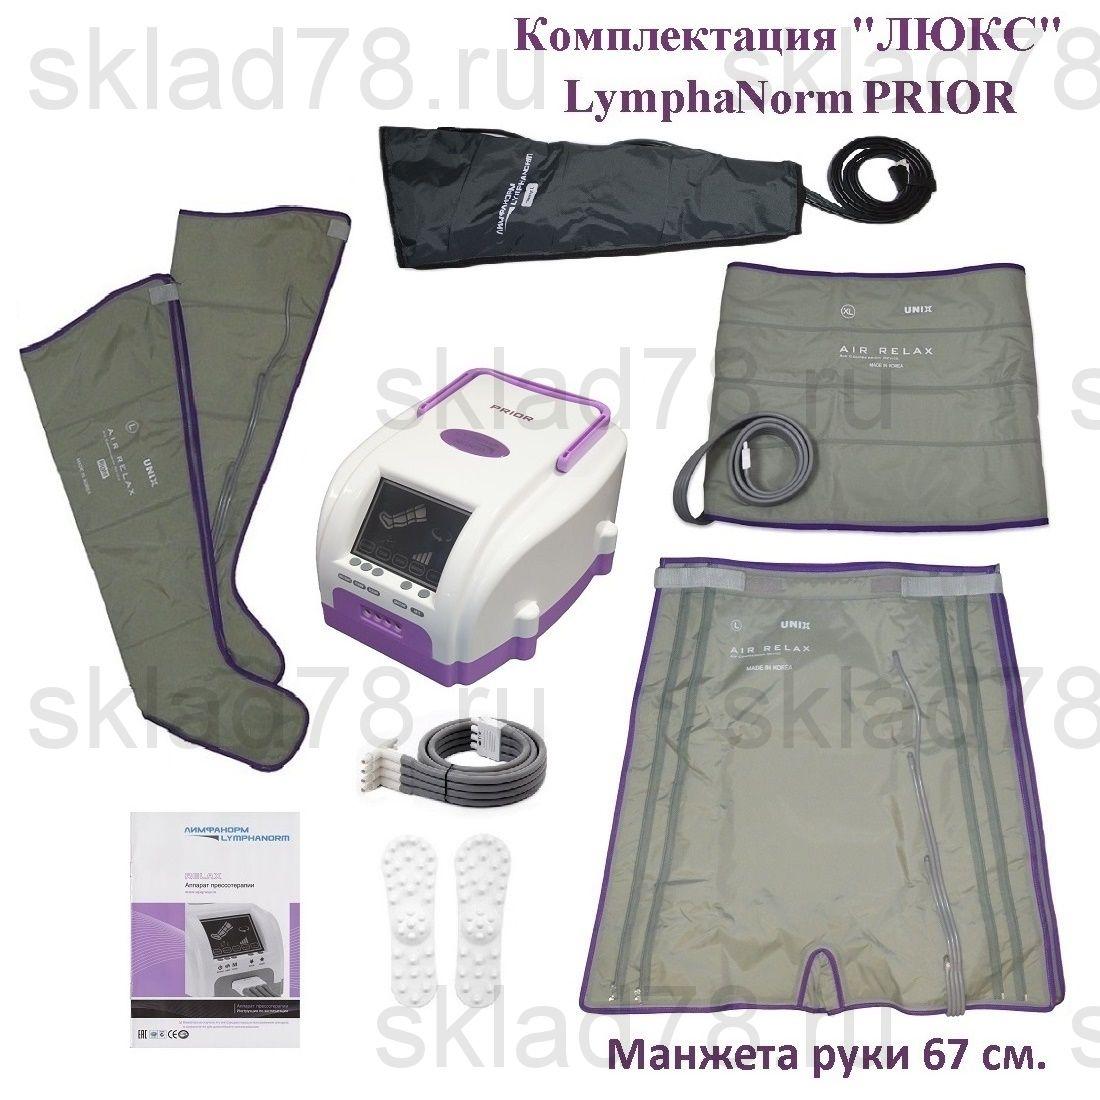 """LymphaNorm PRIOR Прессотерапия """"ЛЮКС"""" (Рука 67 см.)"""